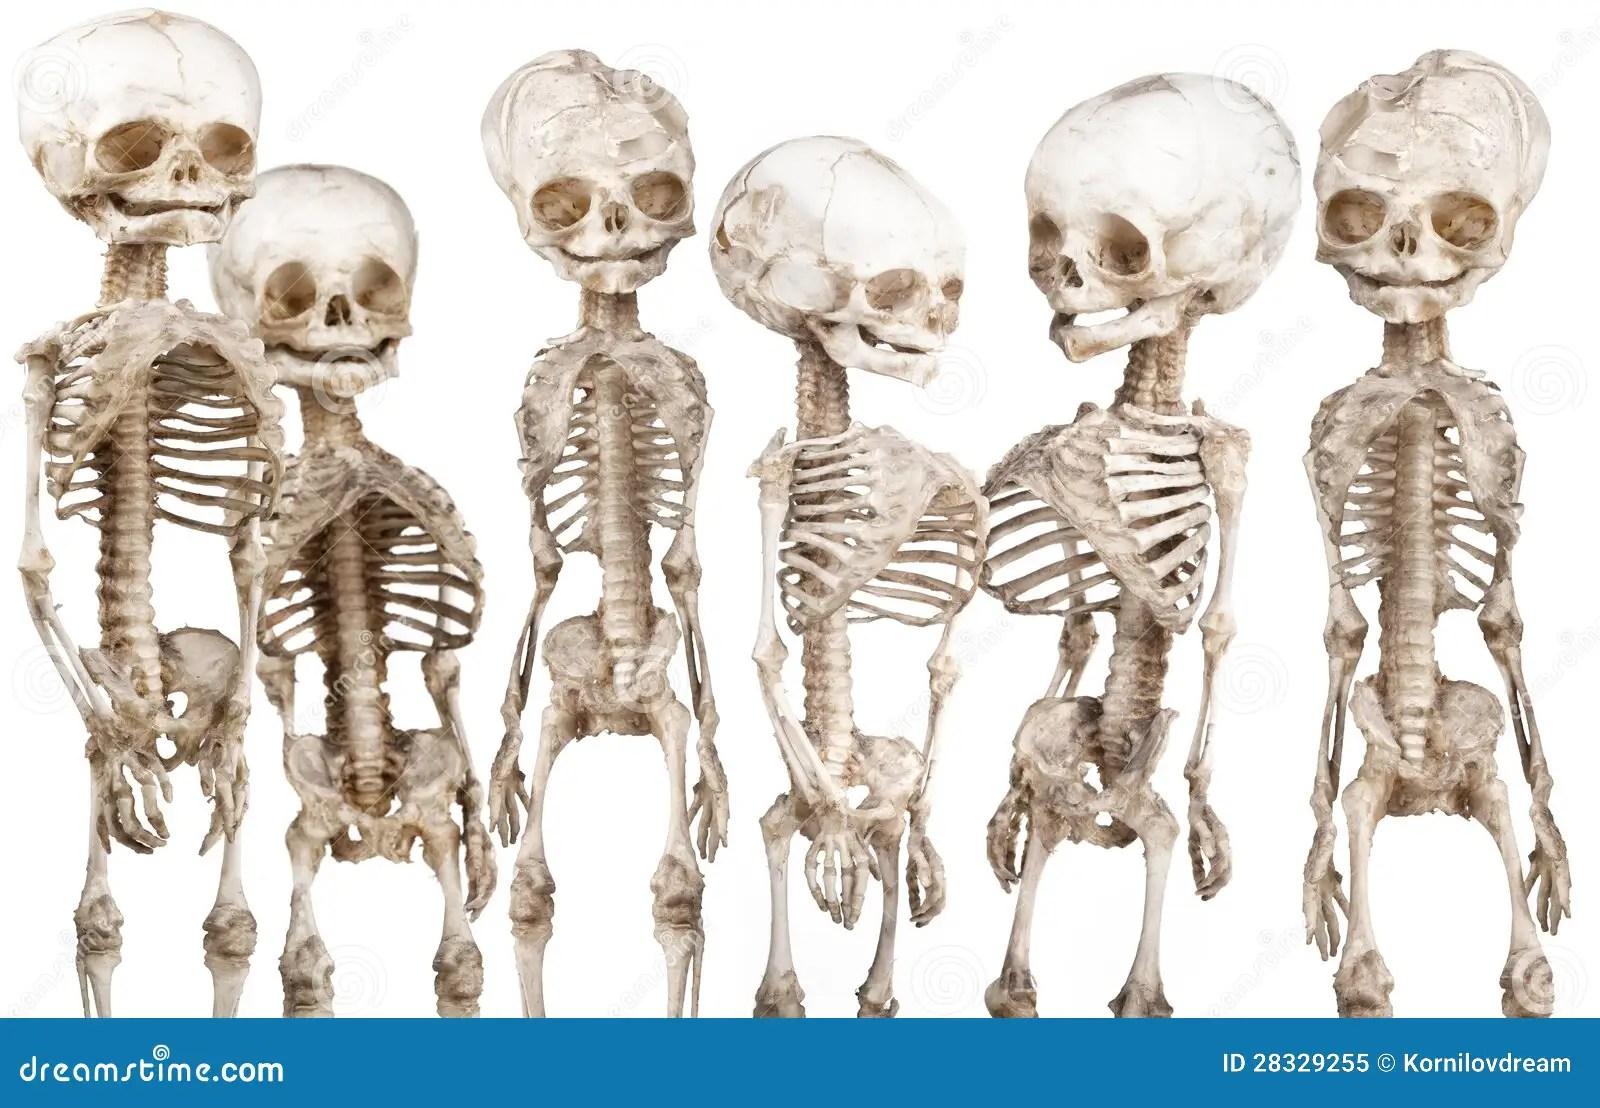 Scheletro Medico Umano Immagine Stock Immagine Di